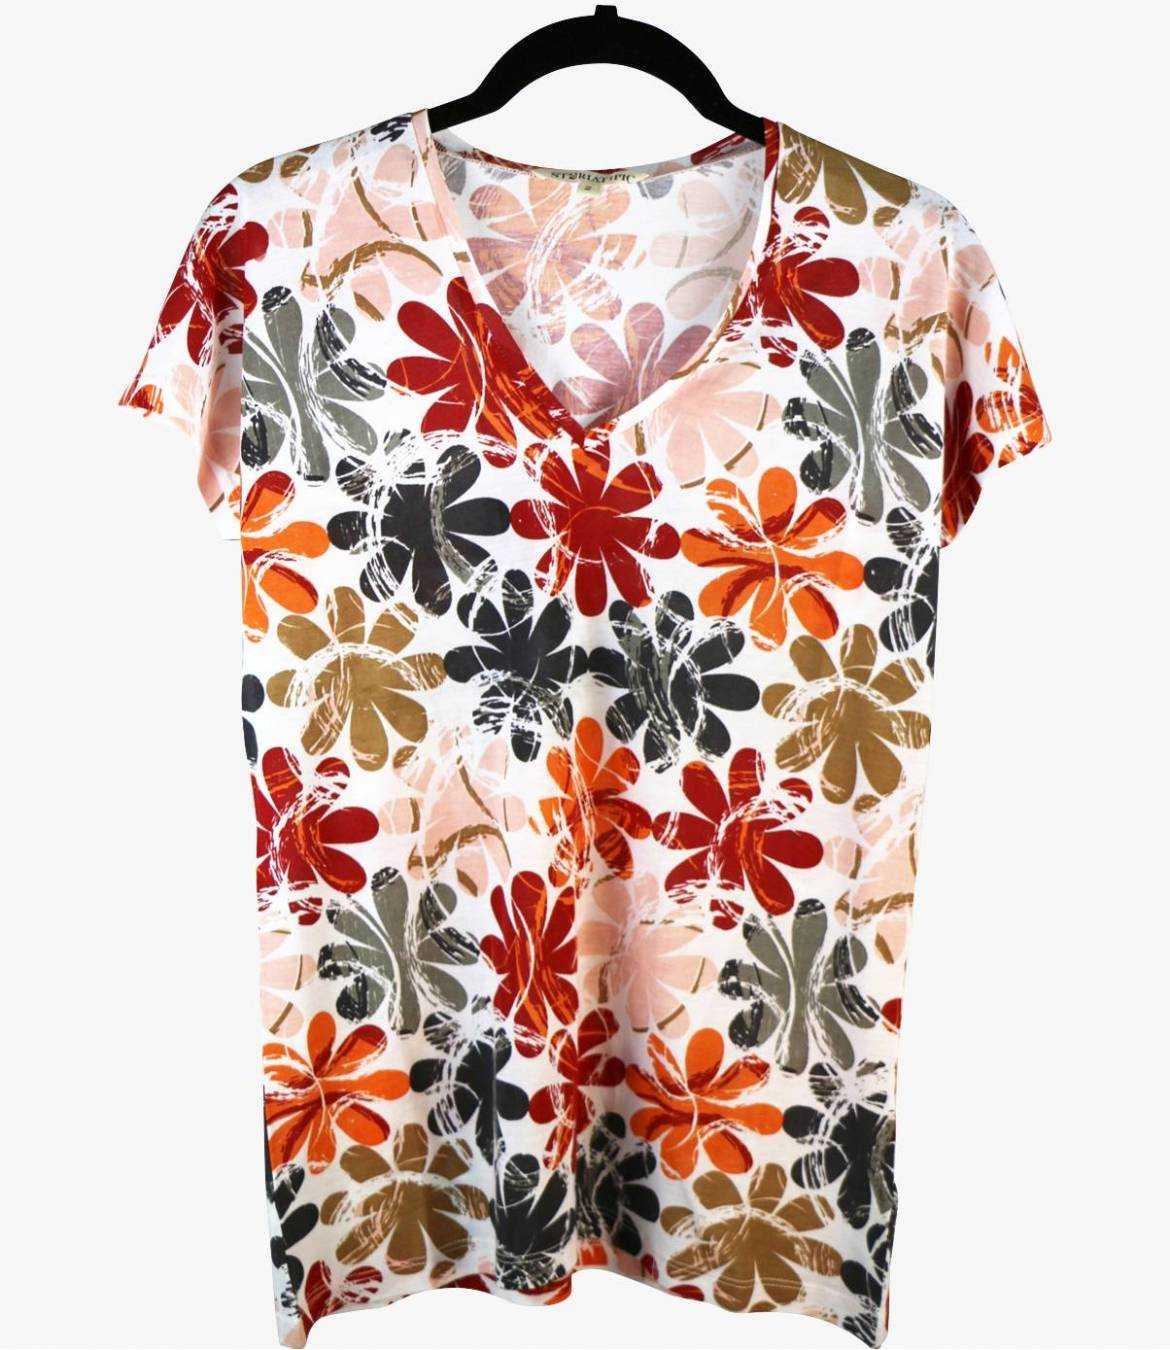 EVI ELLY T-Shirt en Coton, Modal pour Femme Storiatipic - 1